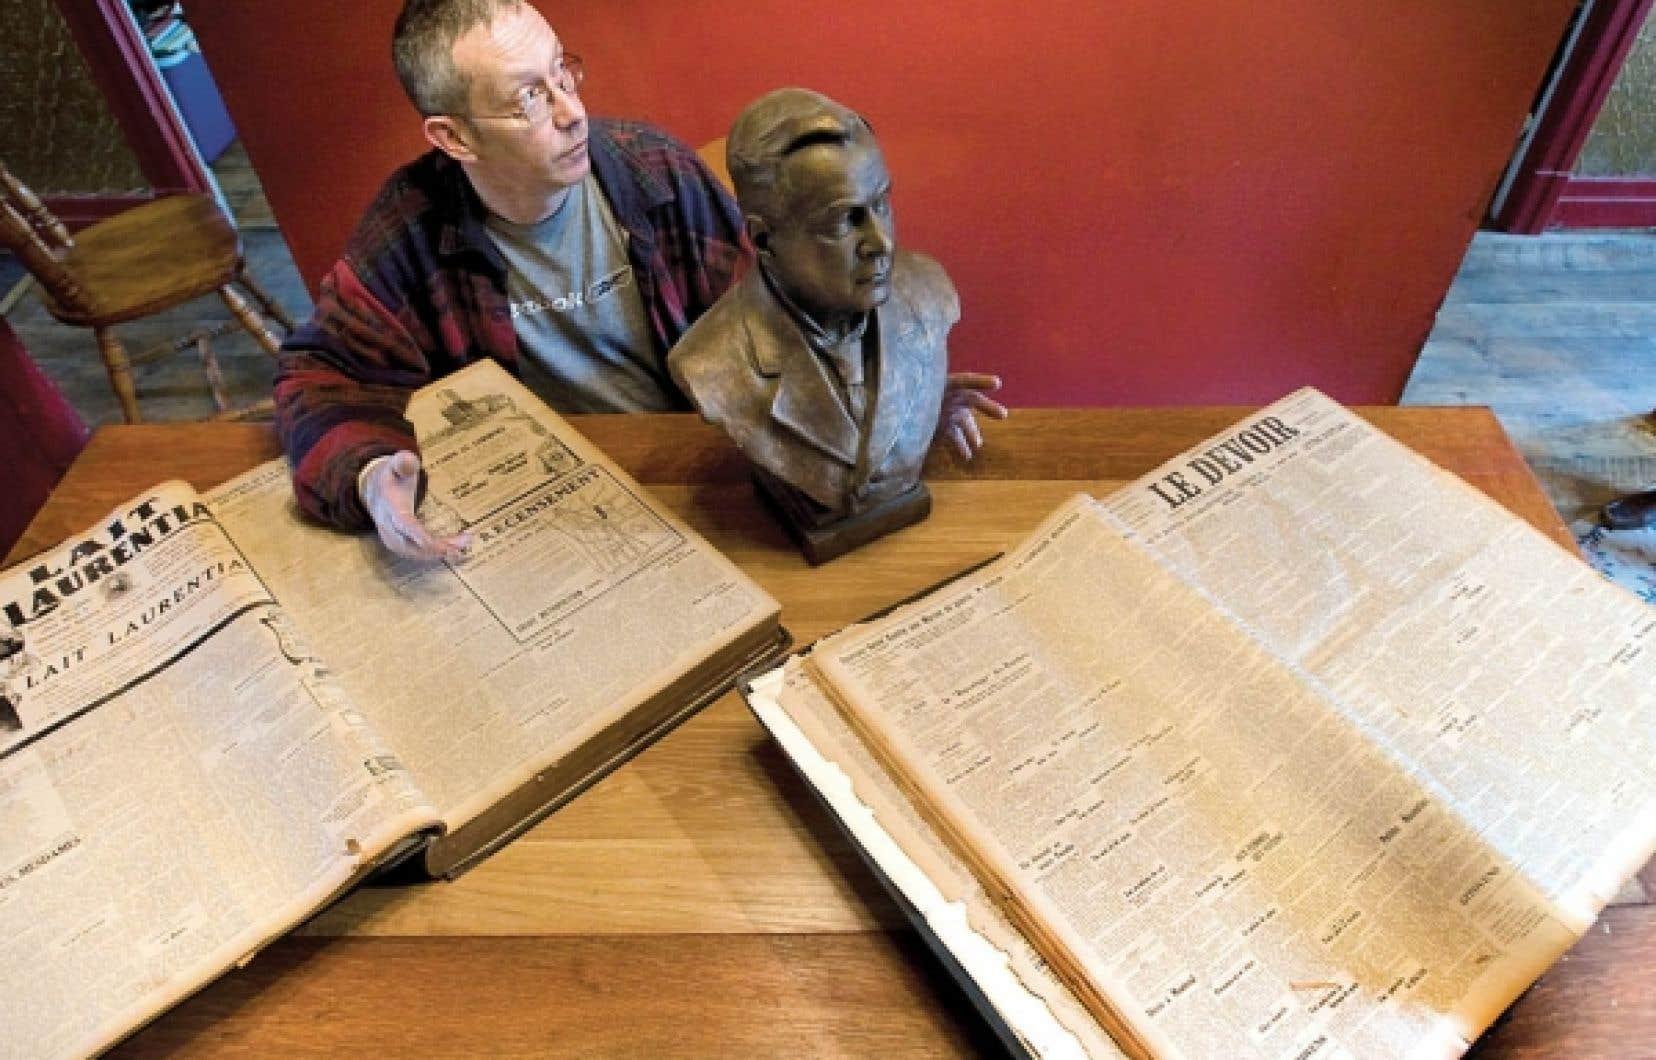 François Saint-Louis possède chez lui d'immenses reliures qui renferment toutes les parutions du Devoir de 1910 et de 1911. Passionné d'histoire et de vieilles choses, il possède un buste de son arrière-arrière-grand-père, Théodore-Alexandre Grothé, sculpté en... 1910.